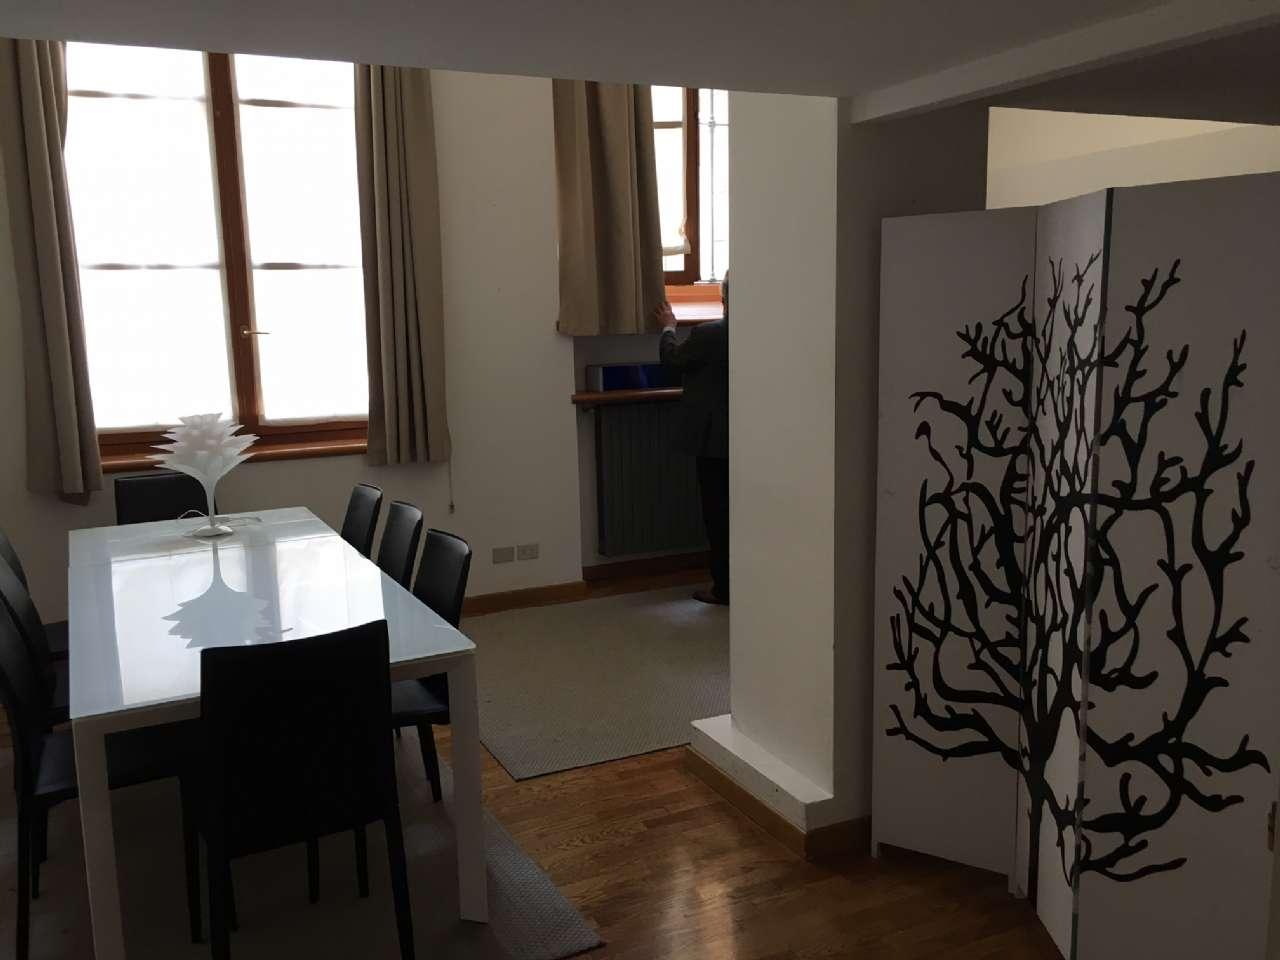 Appartamento in affitto a Milano, 2 locali, zona Zona: 1 . Centro Storico, Duomo, Brera, Cadorna, Cattolica, prezzo € 2.000 | CambioCasa.it